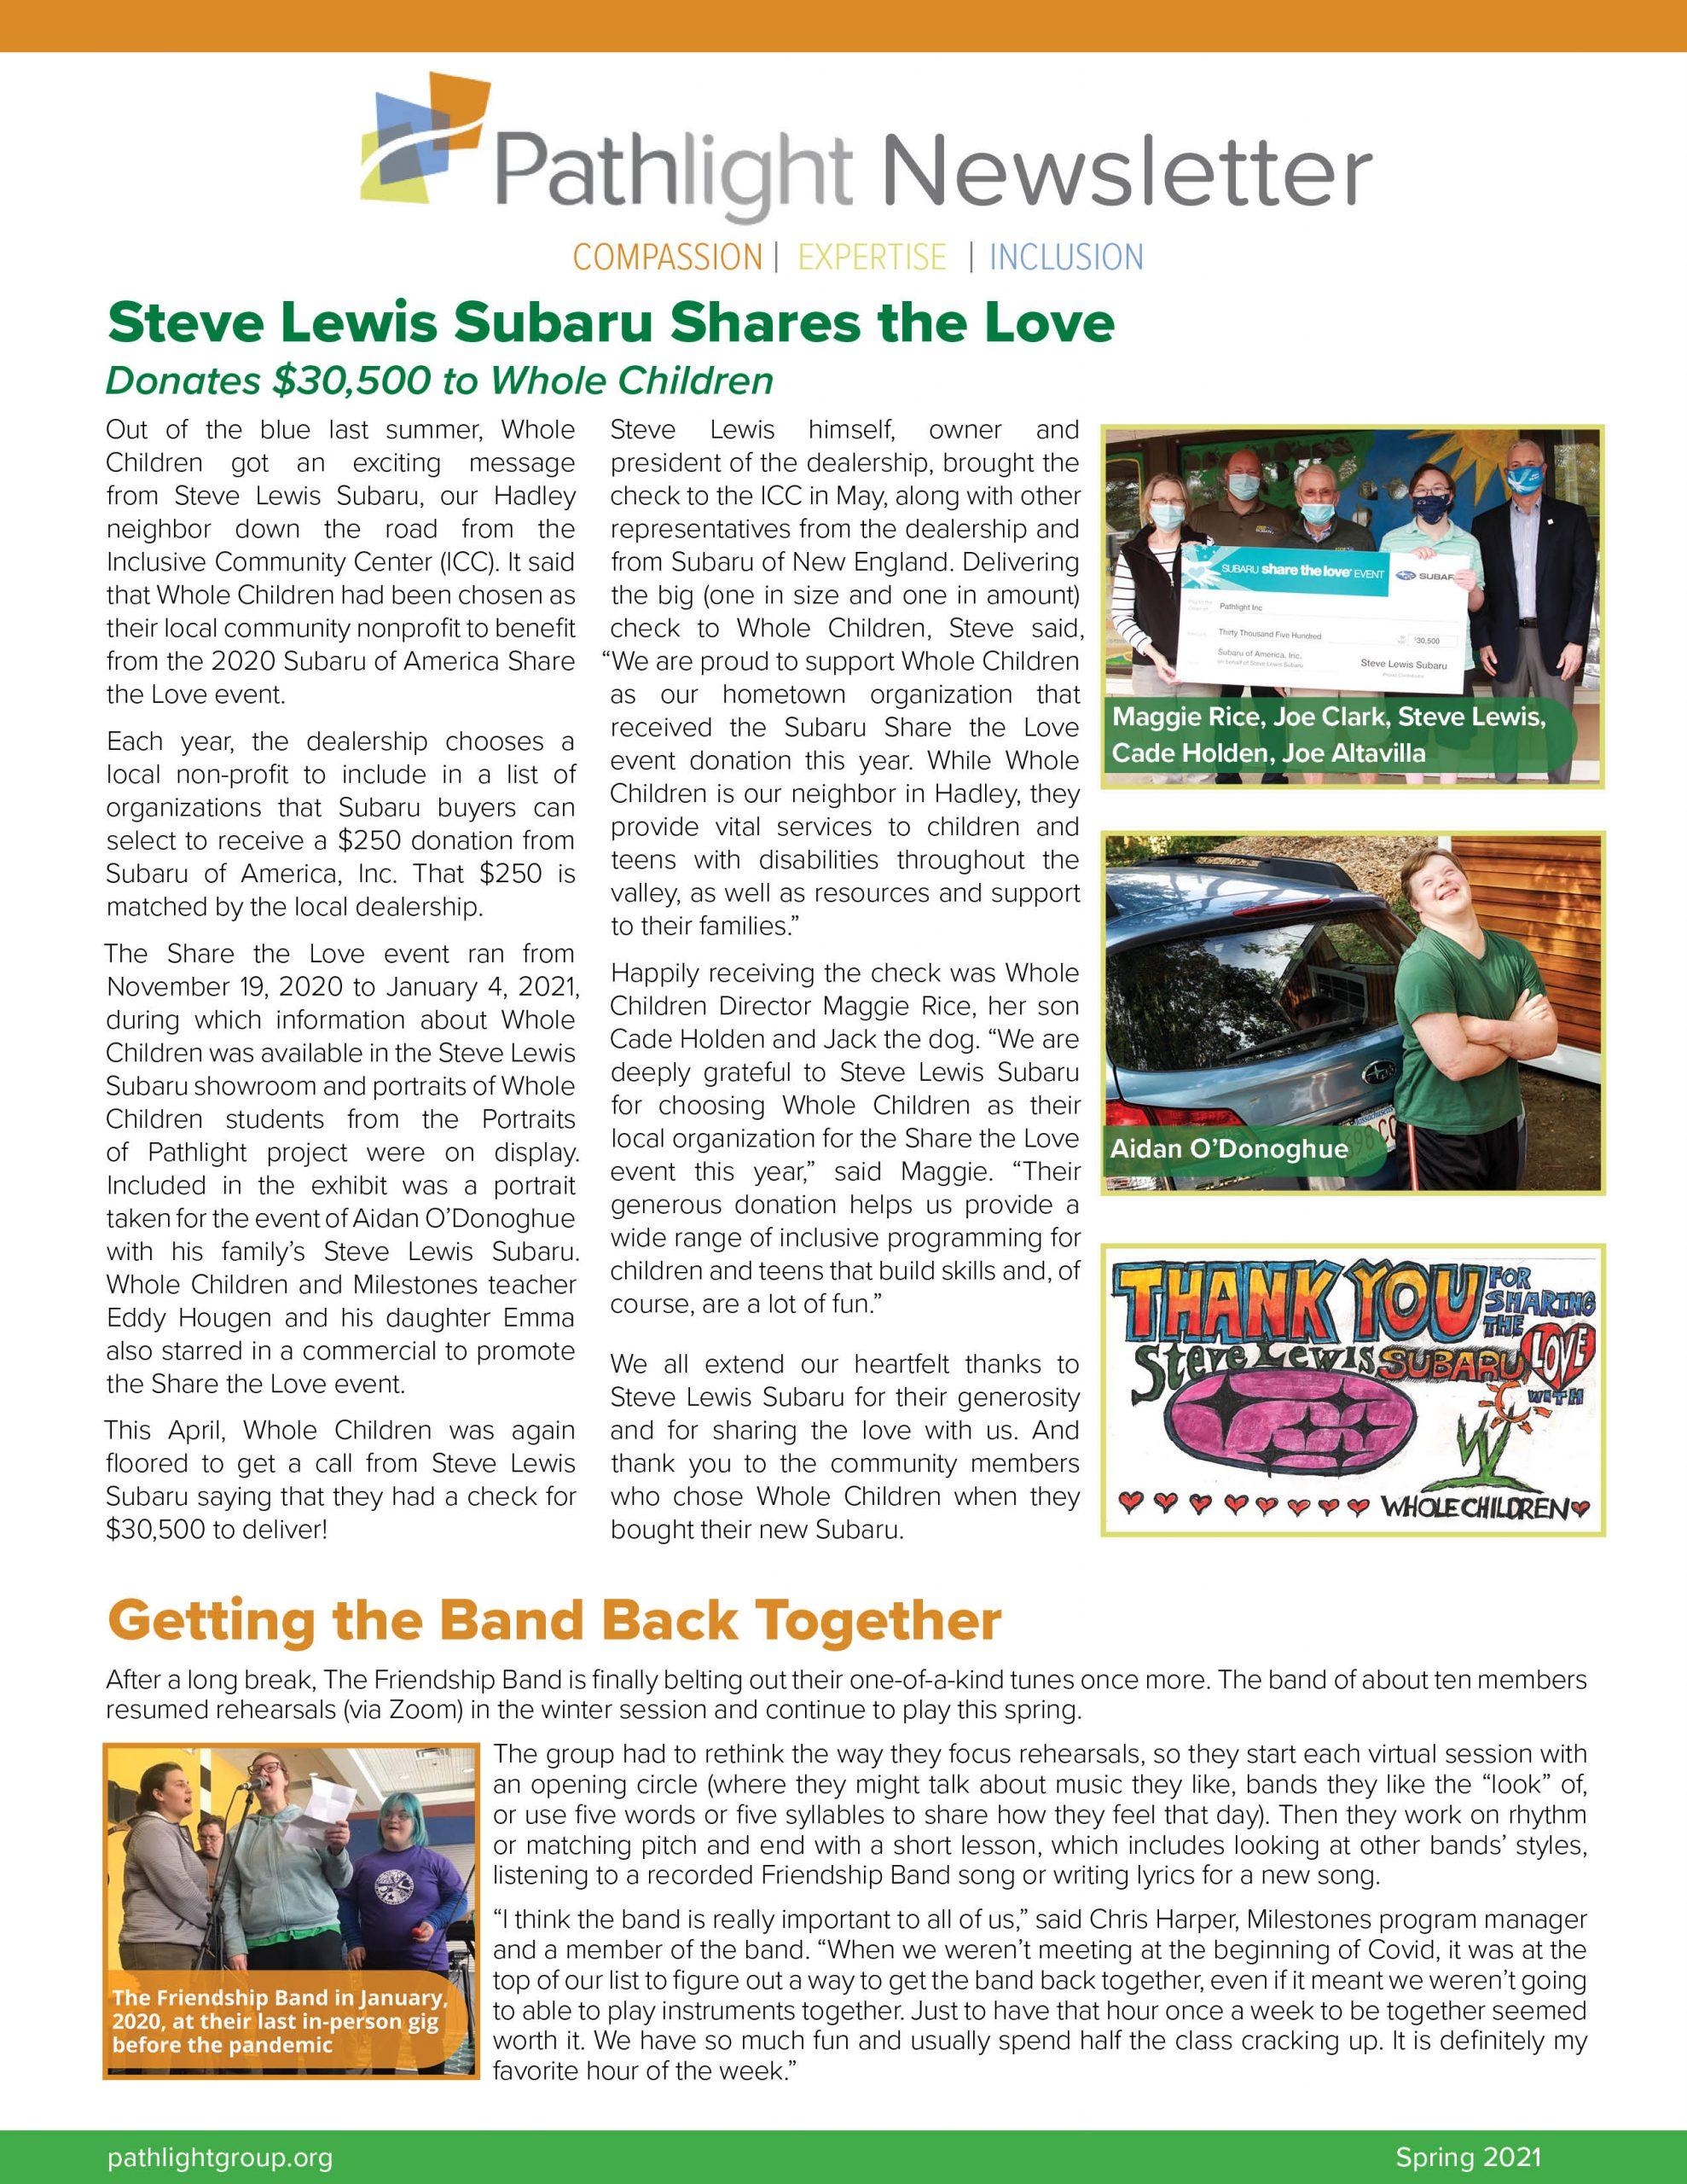 Spring Newsletter 2021 cover